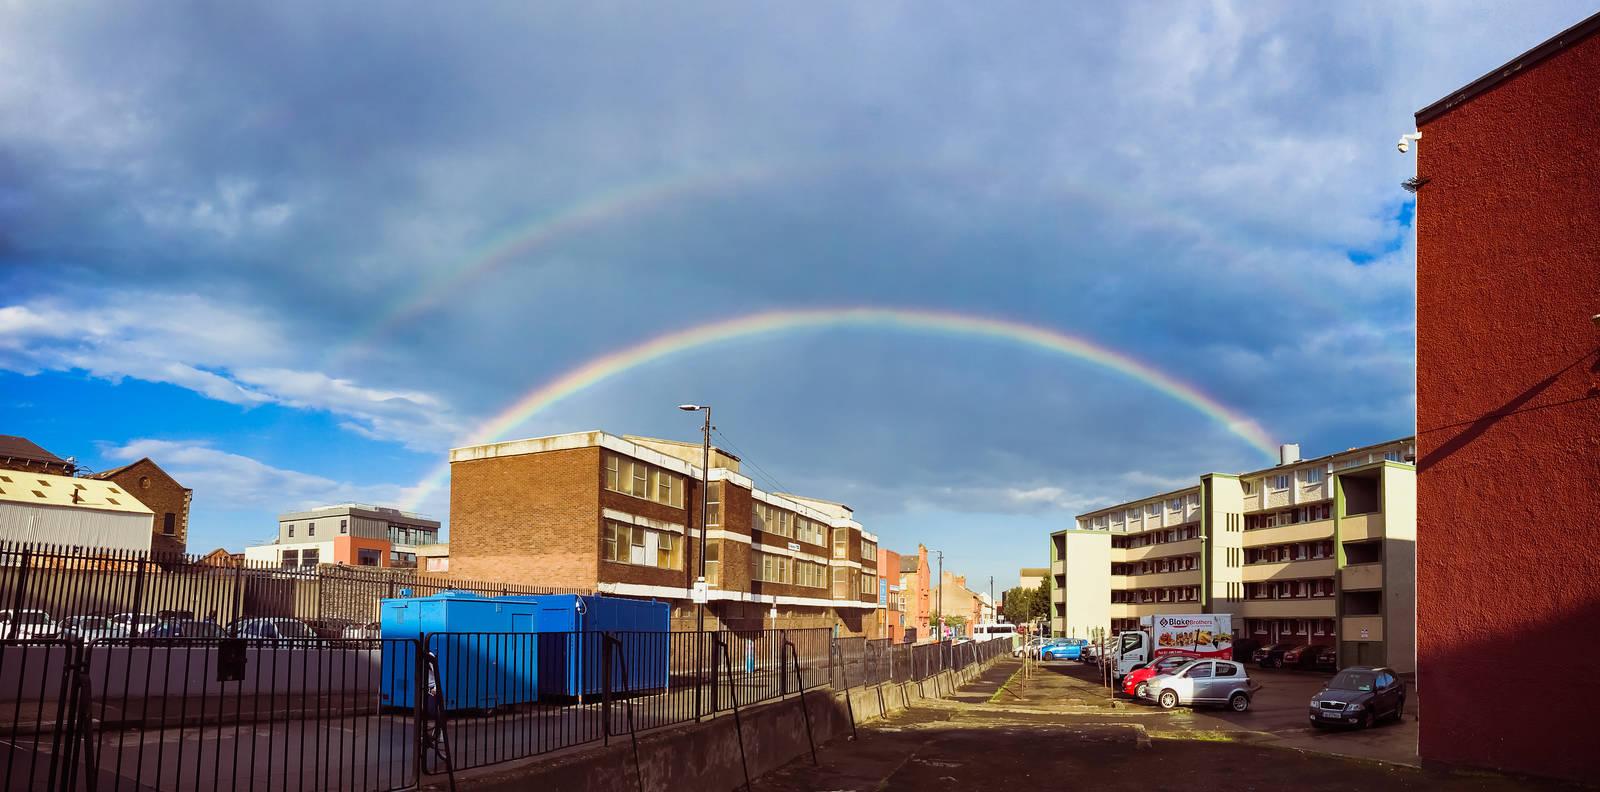 Double rainbow in Dublin 8